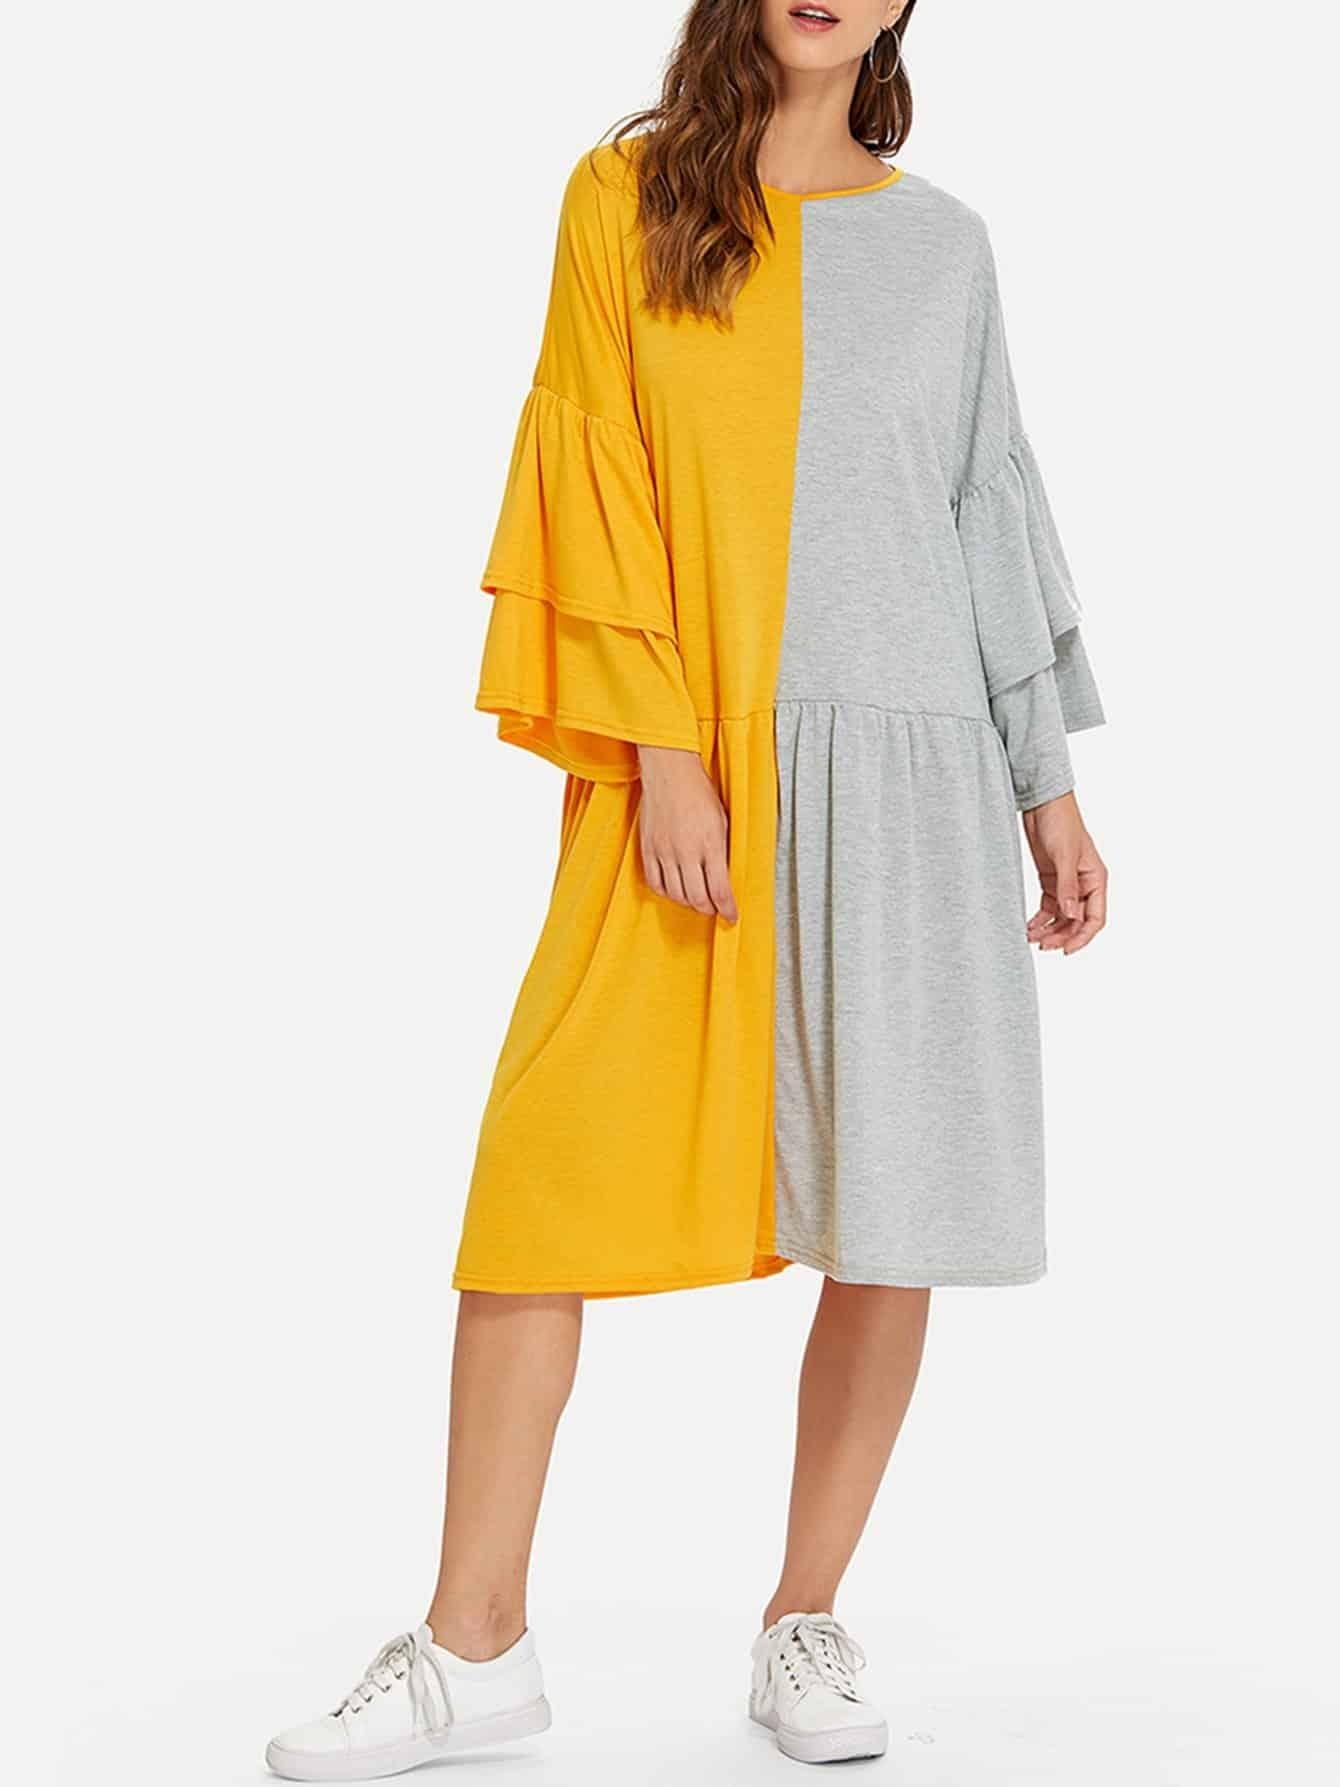 Купить Платье разные цвета с оборками на рукавах, Gabe, SheIn